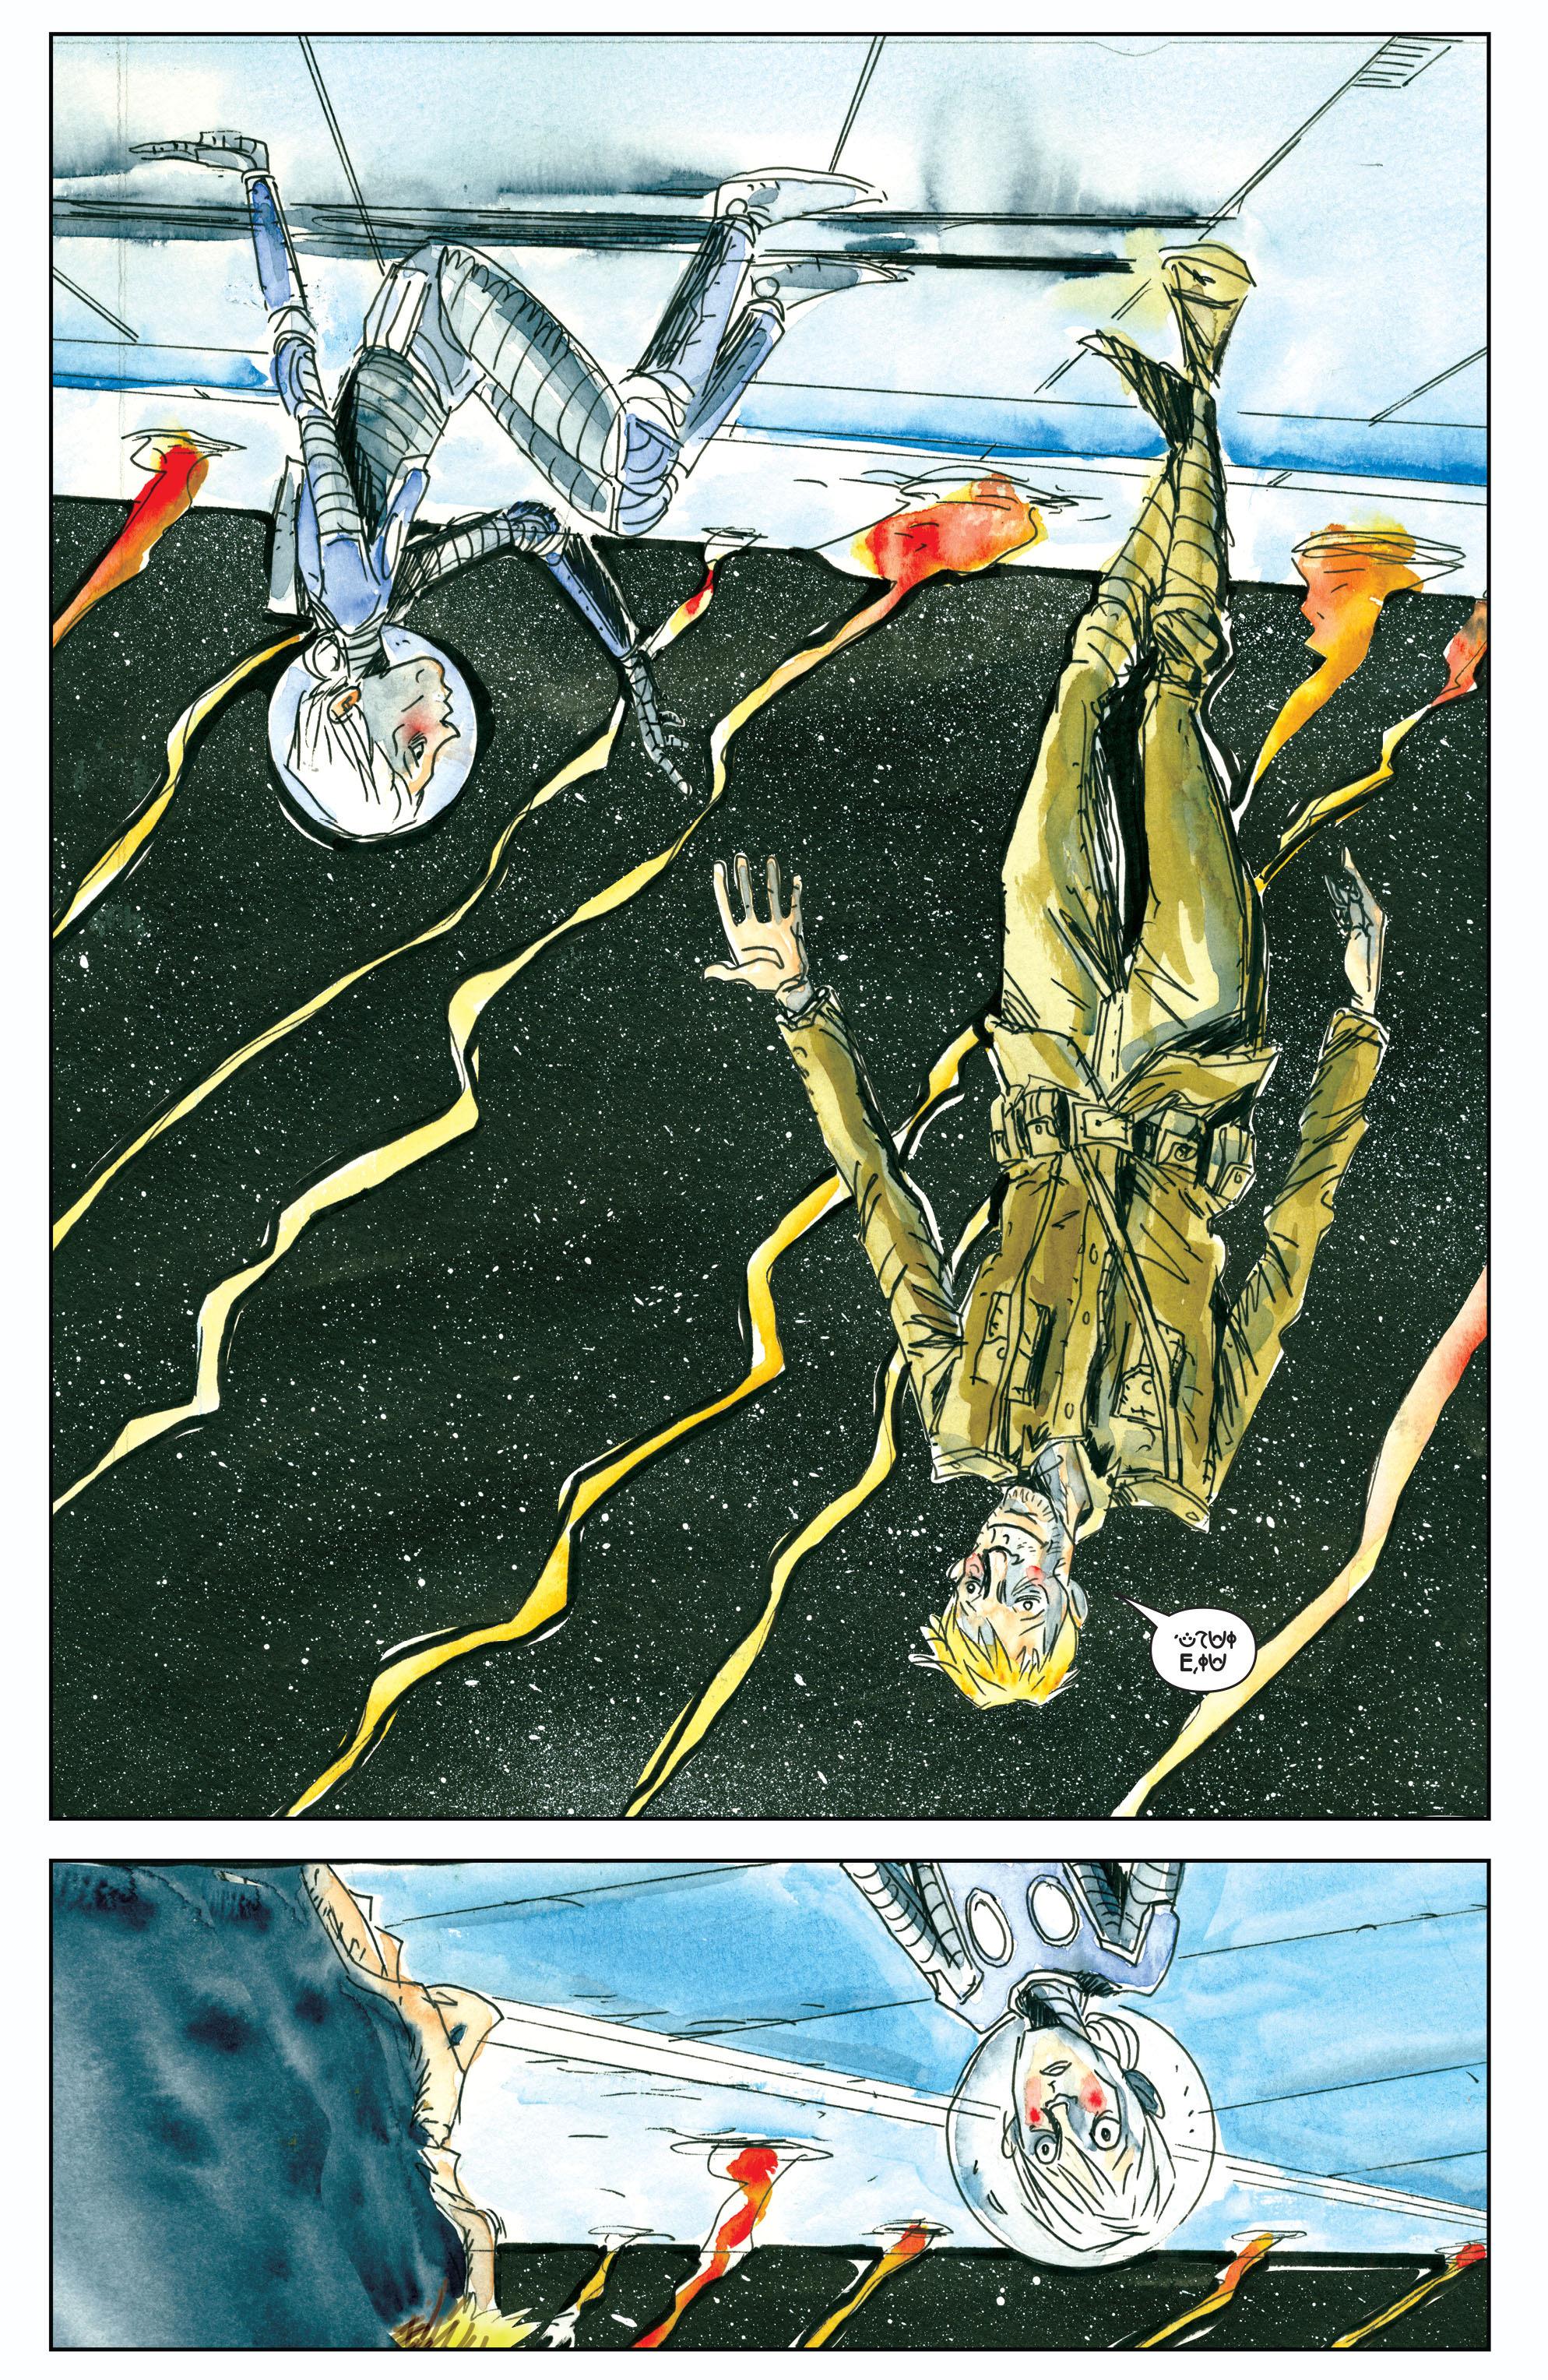 Read online Trillium comic -  Issue # TPB - 201